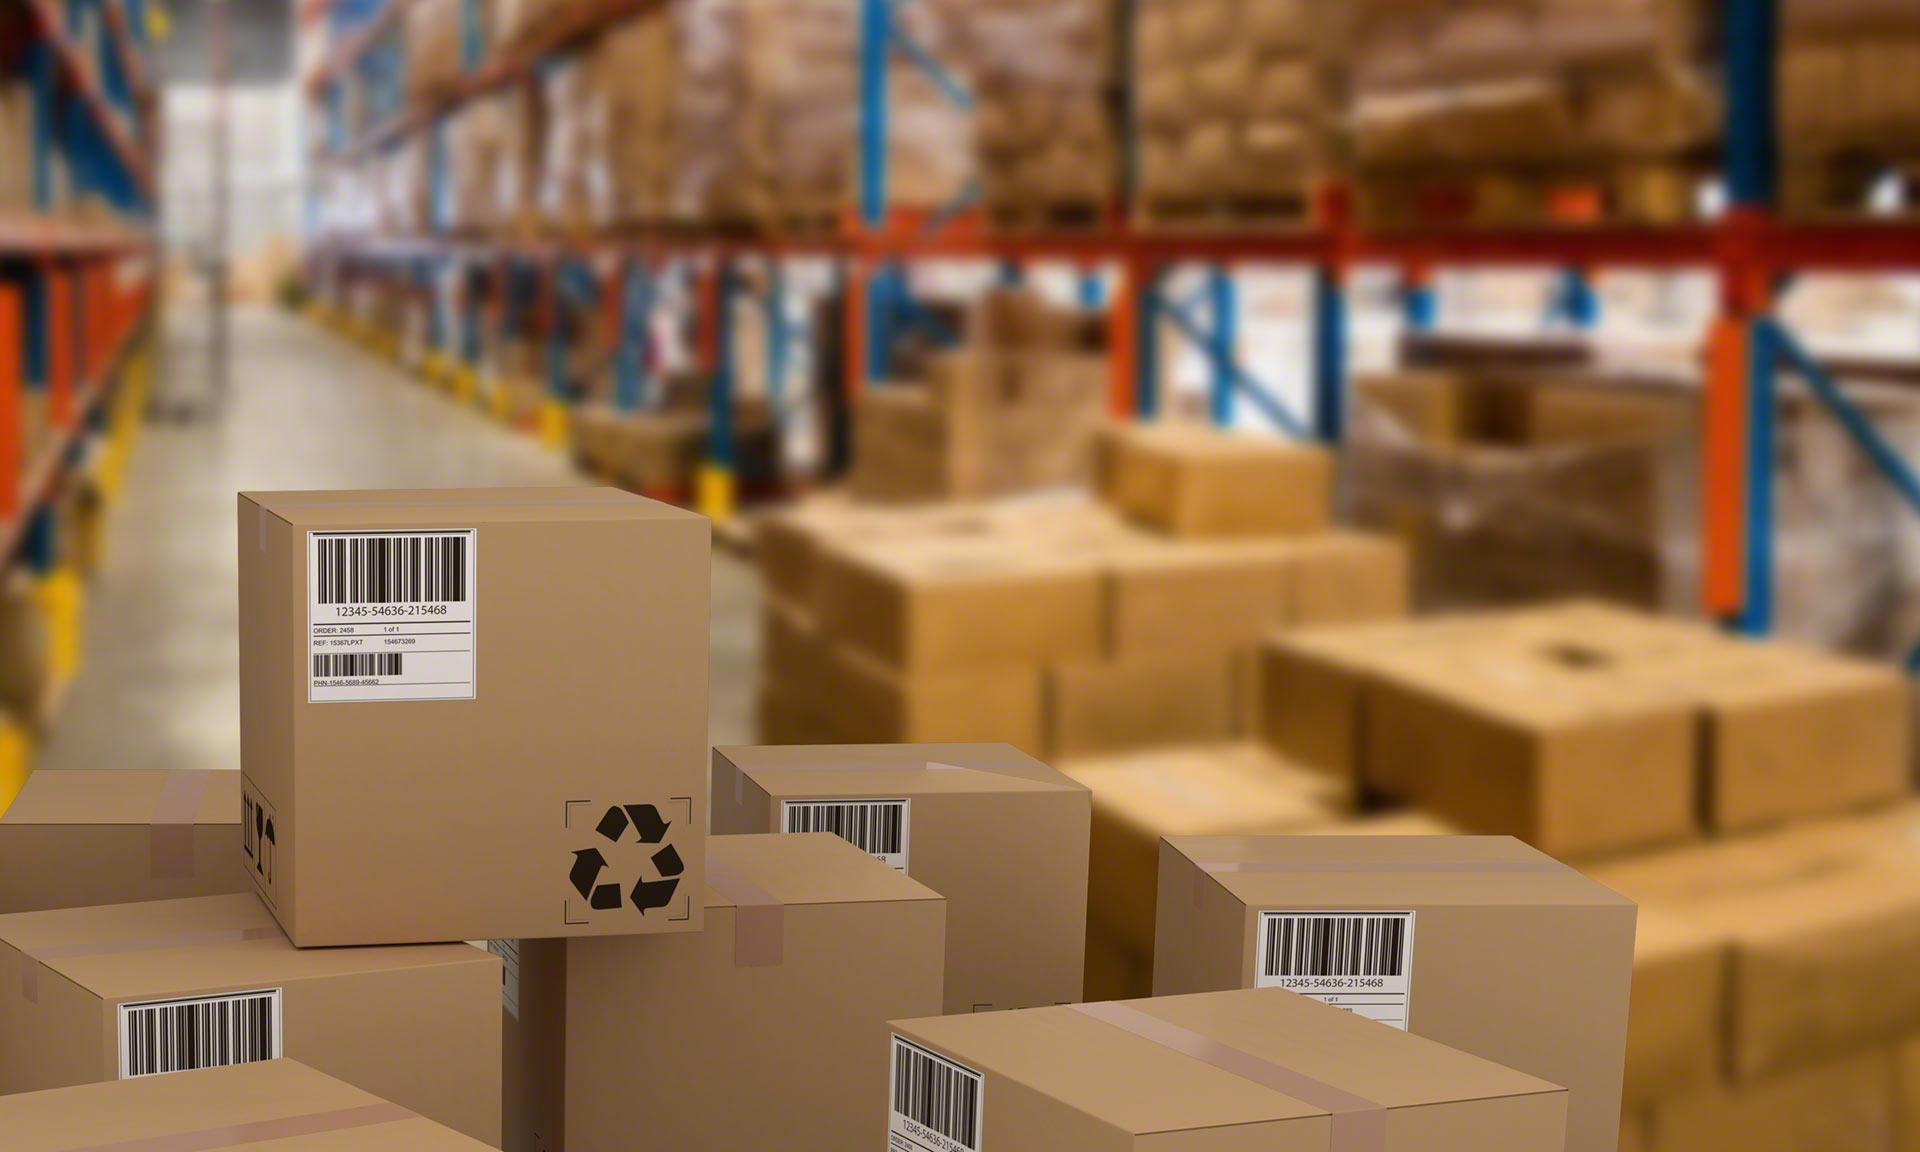 Un almacén desordenado acarrea graves problemas logísticos para cualquier empresa